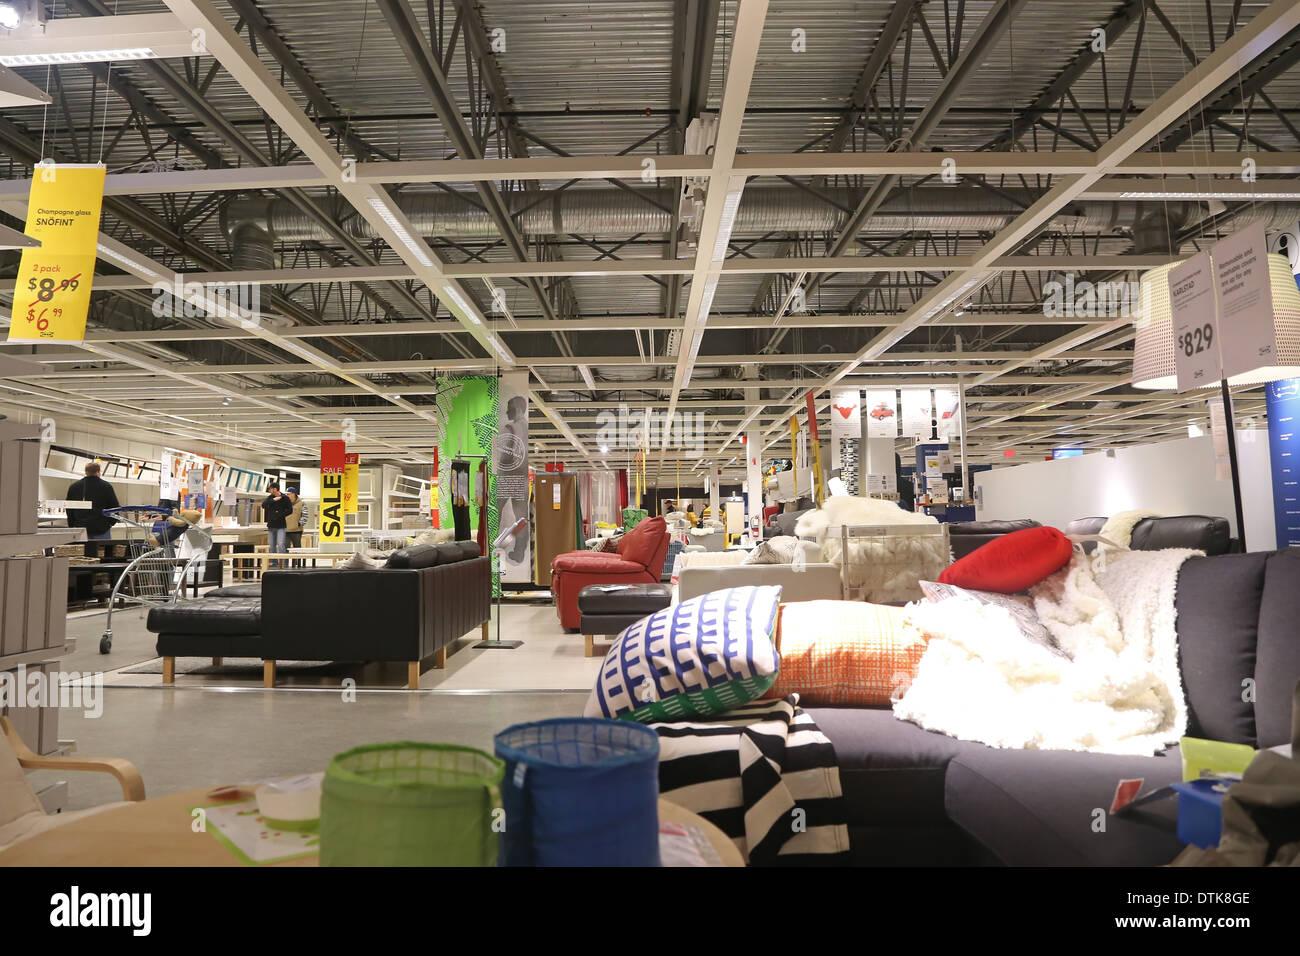 Ikea Showroom Stock Photos & Ikea Showroom Stock Images - Alamy